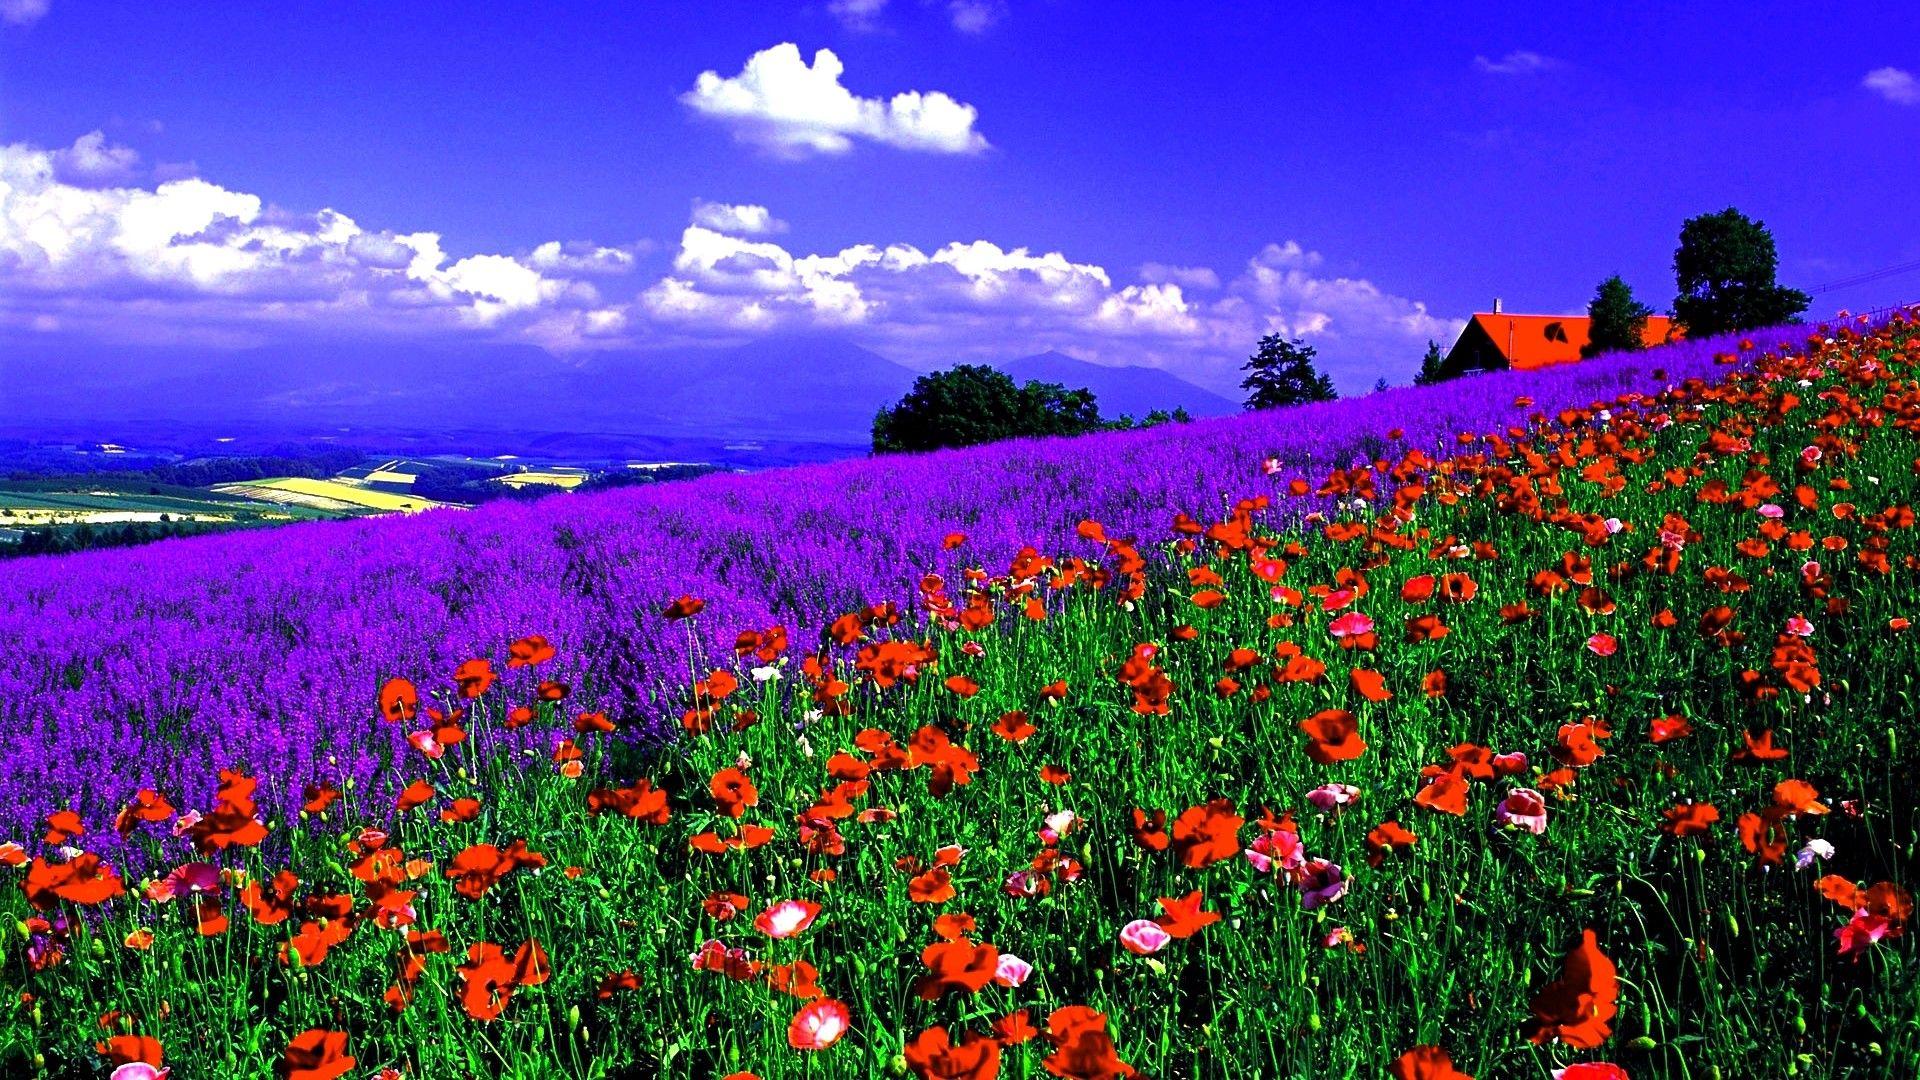 Terra Natura Paesaggi Natura Fiori Primavera Sfondo